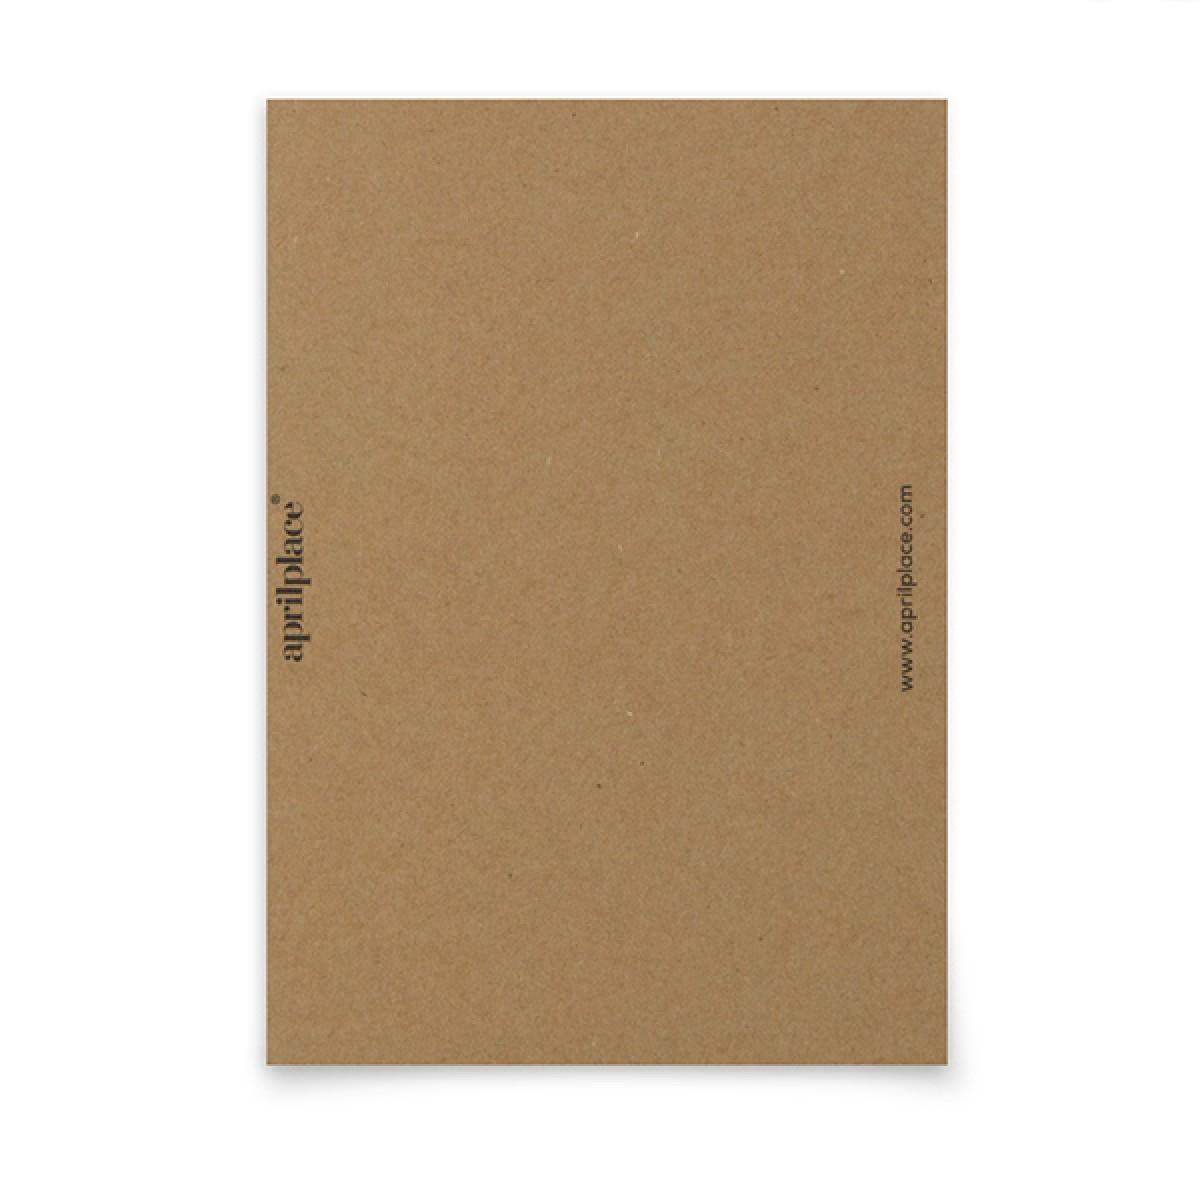 aprilplace // Erwachsen // Postkarte Din A6